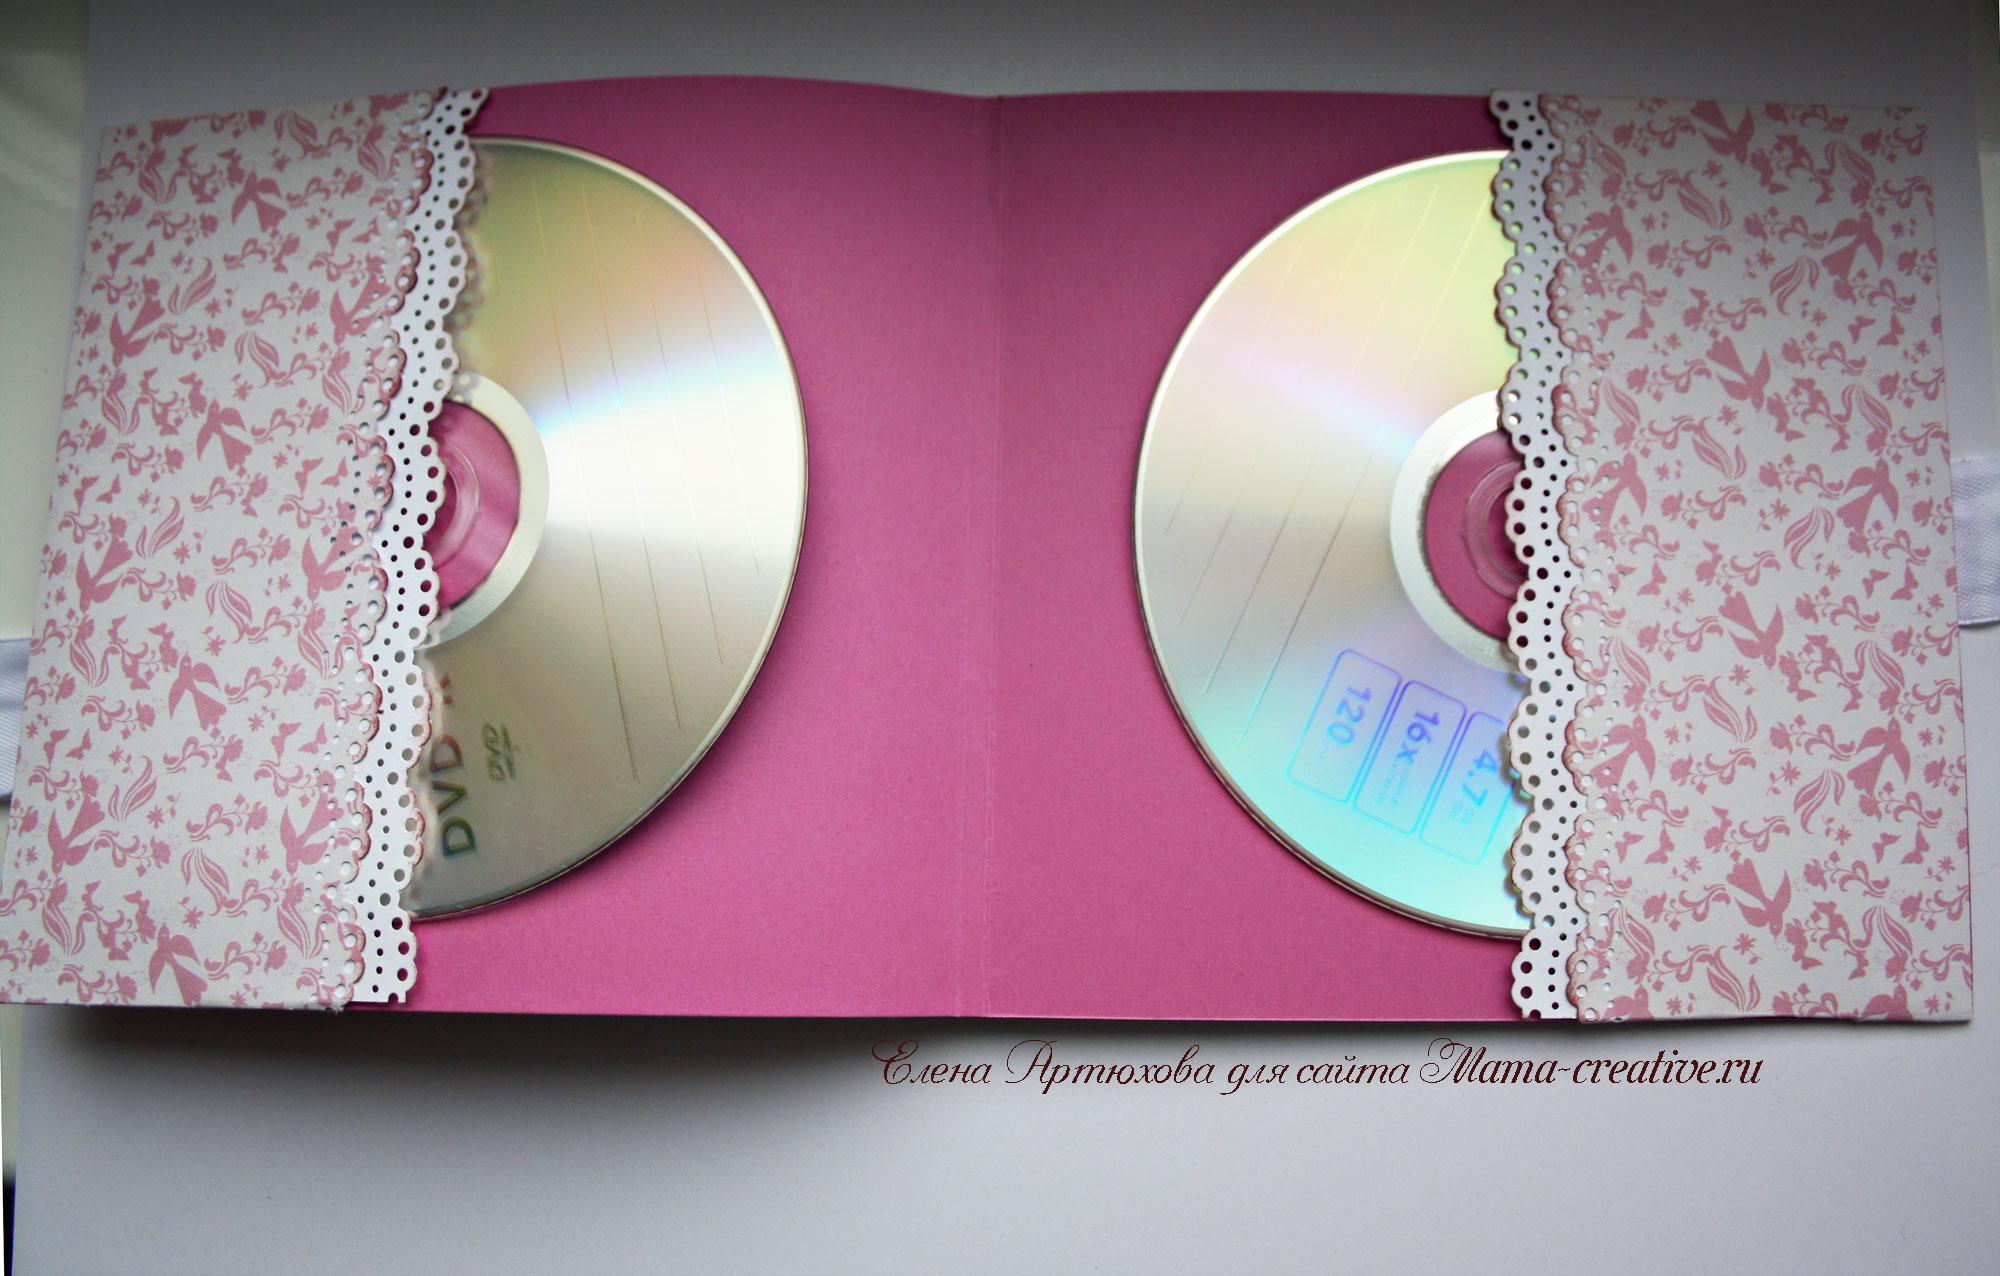 Изготовление конвертов для сд дисков как бизнес - Идеи для бизнеса